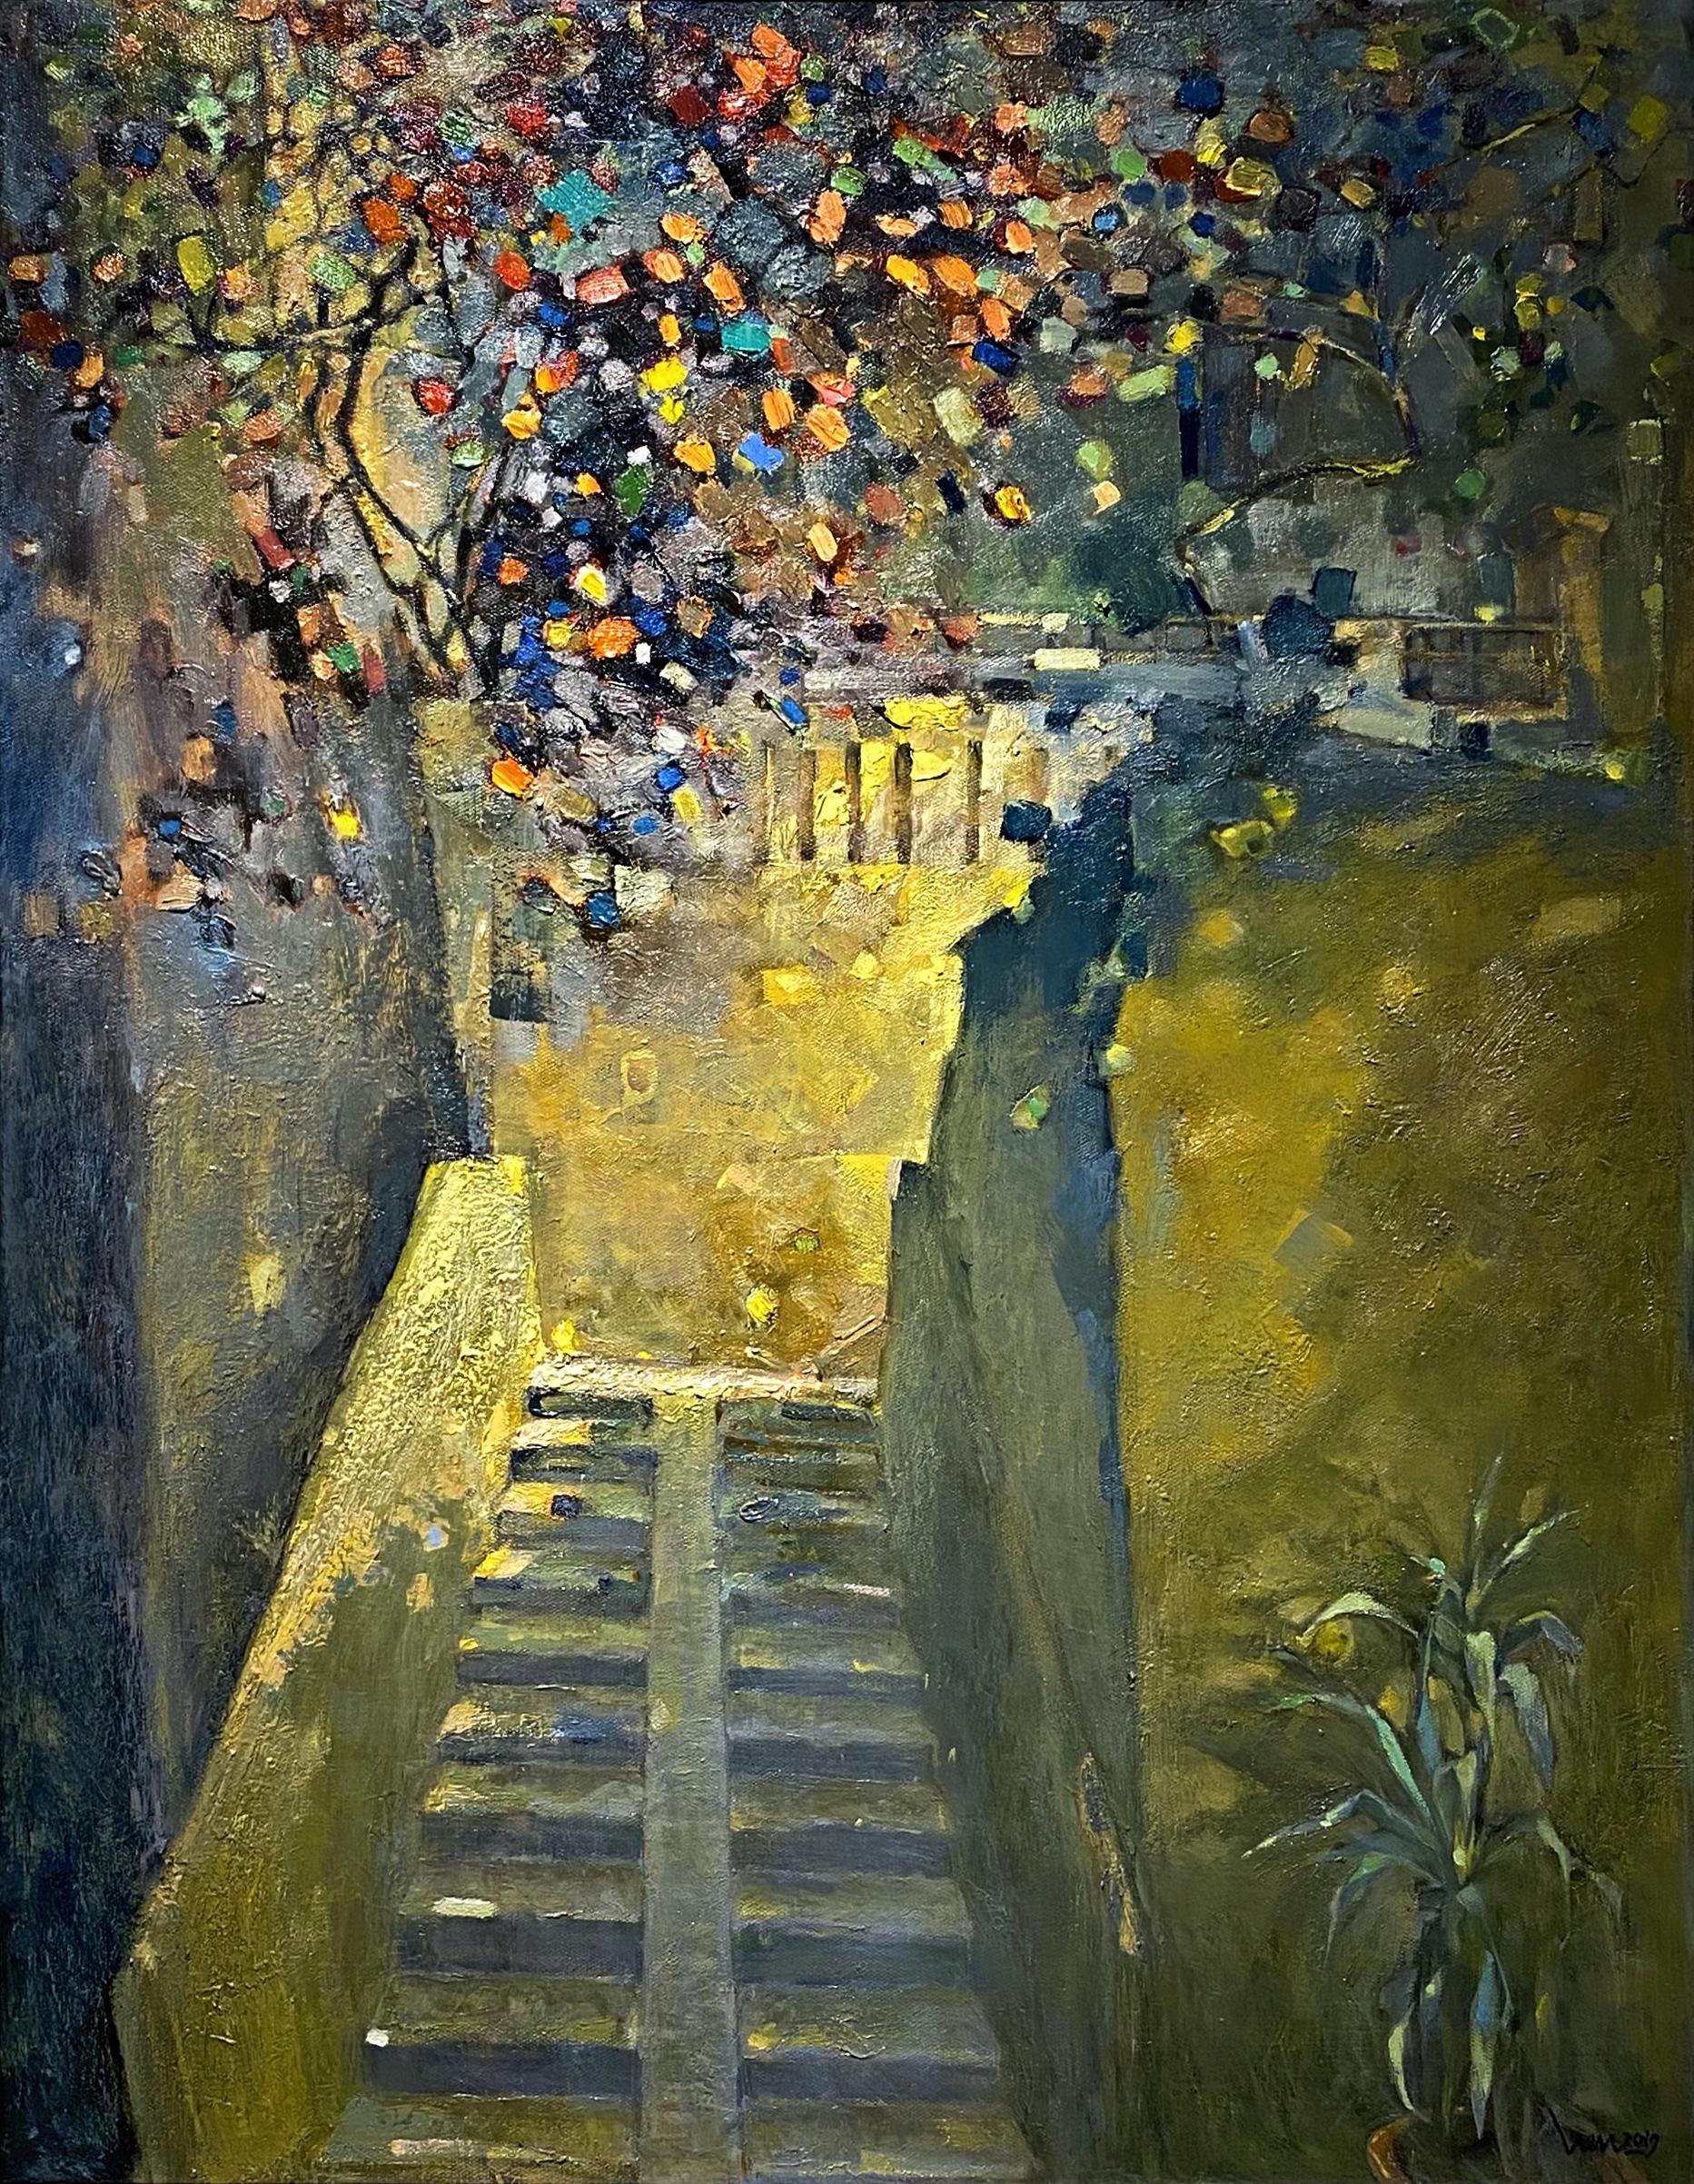 Old Stairway | Lối Cũ